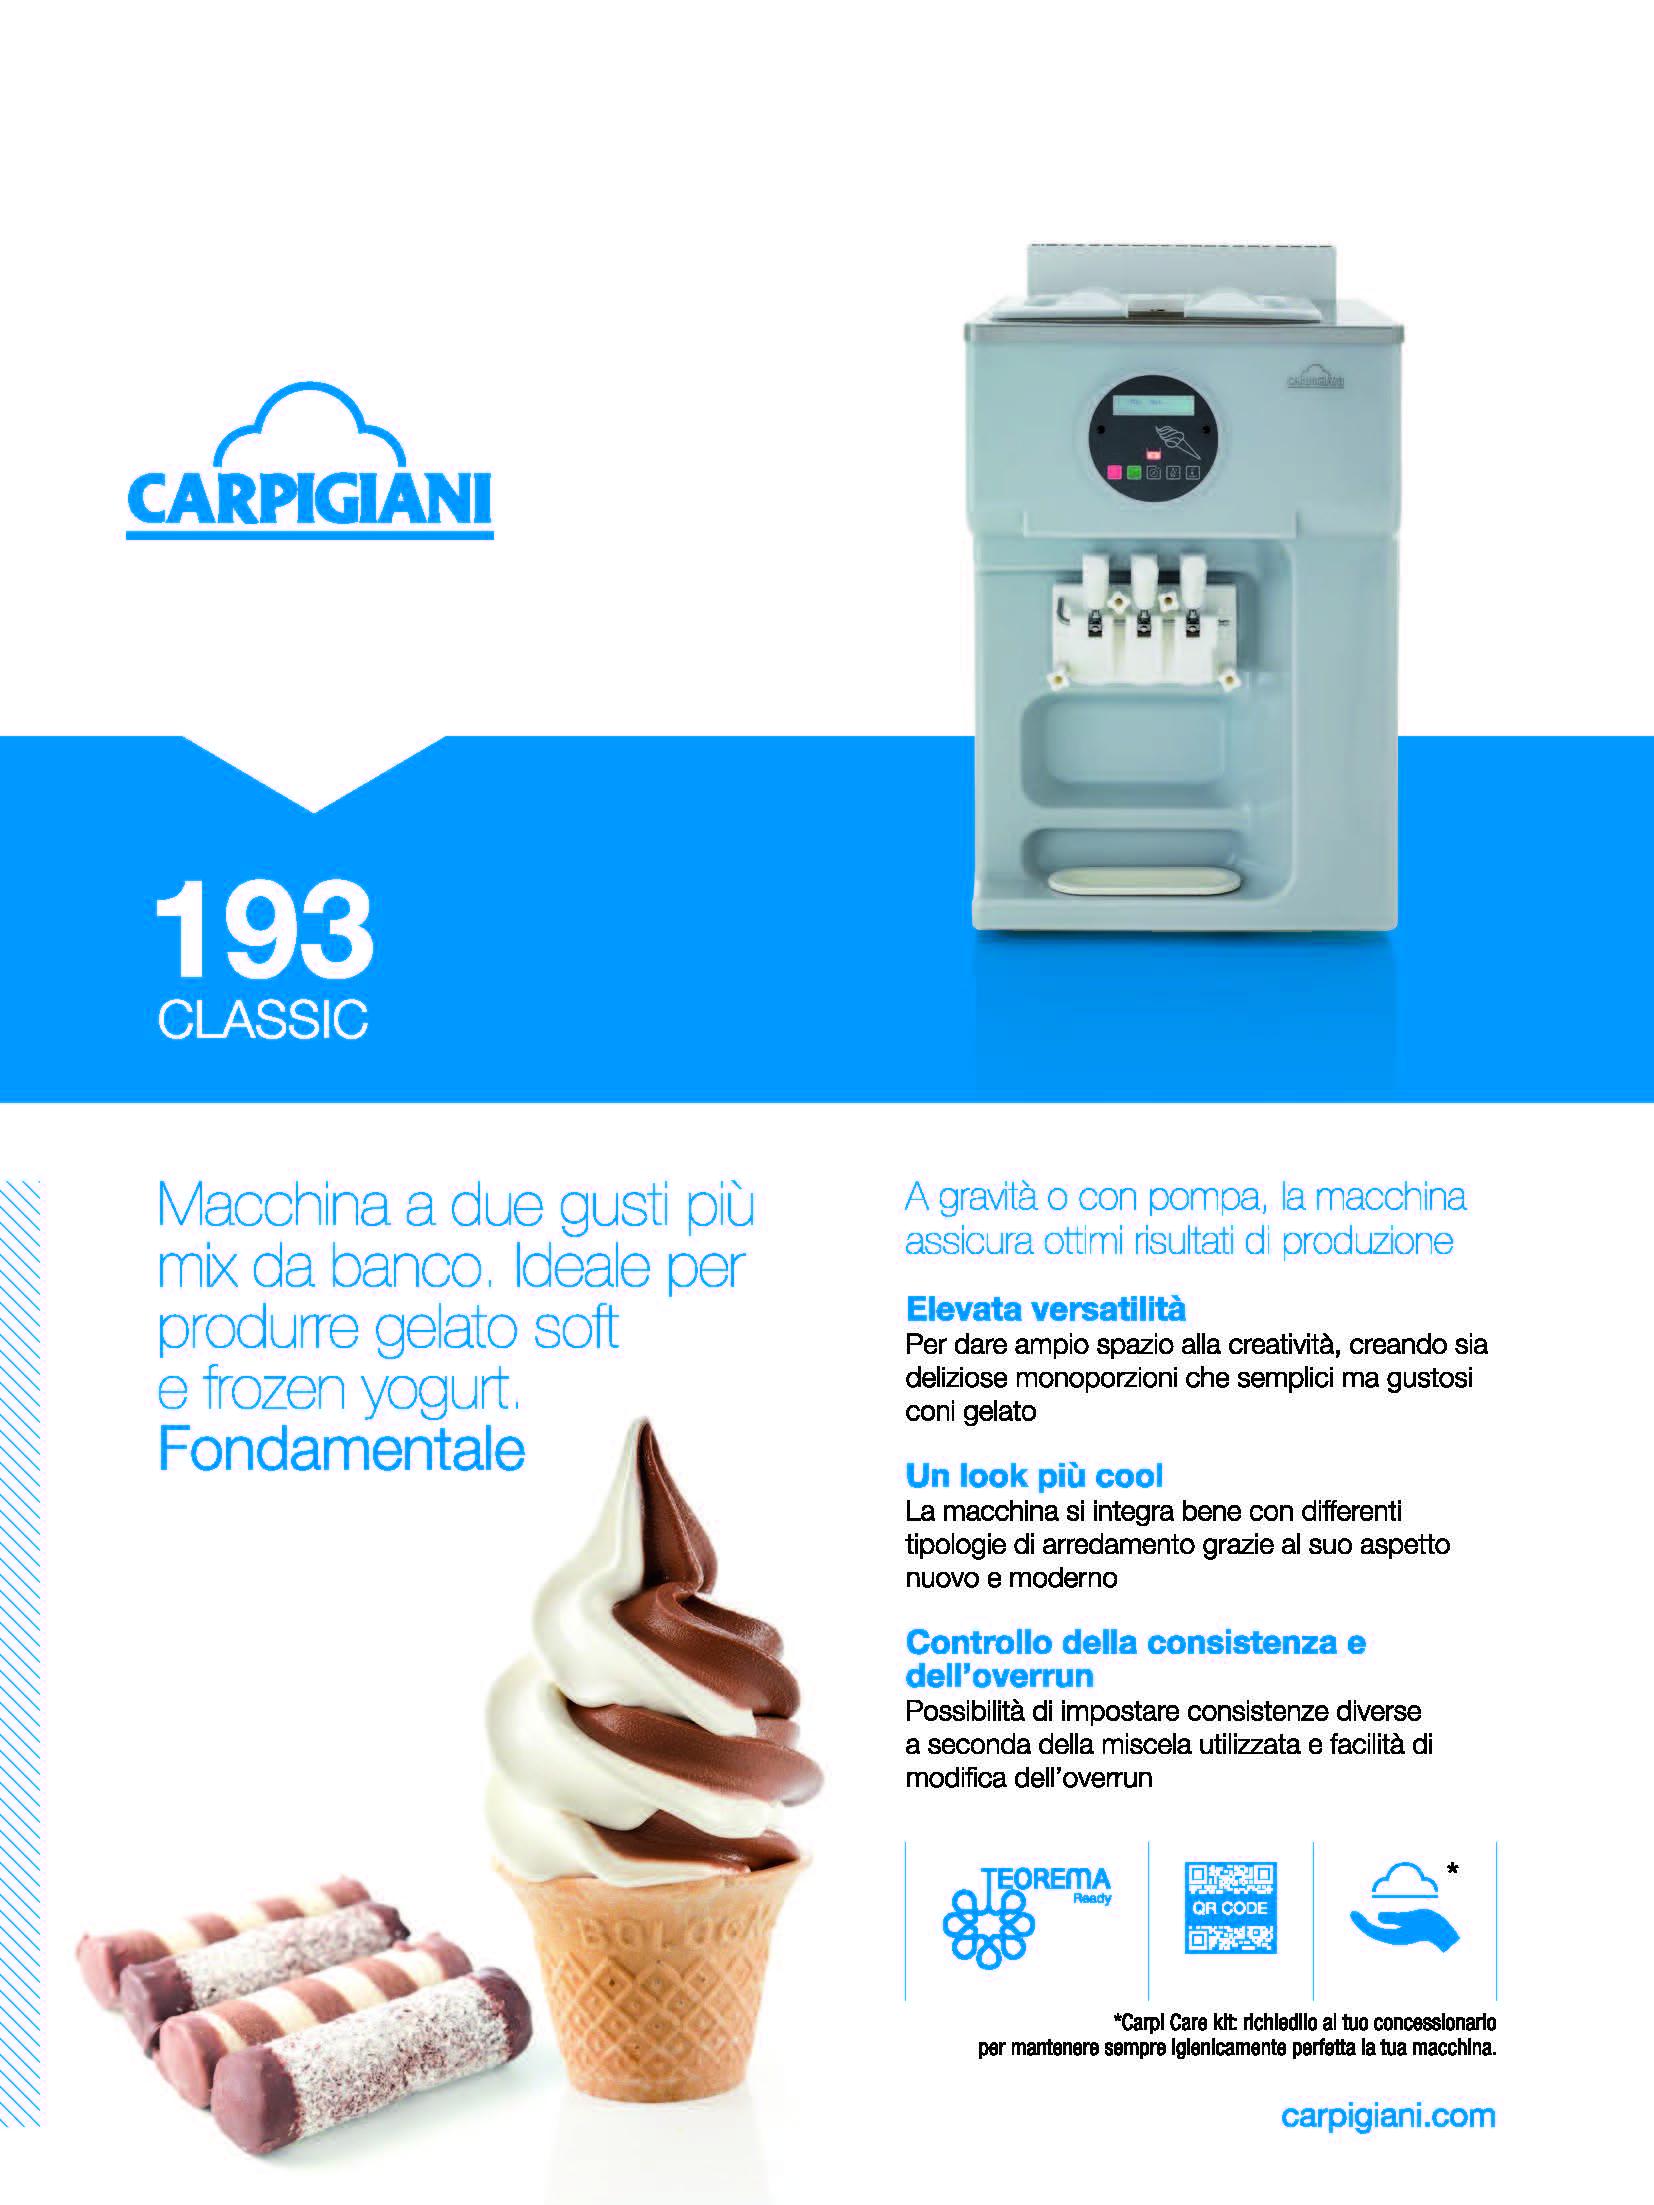 Carpigiani – 193 Classic